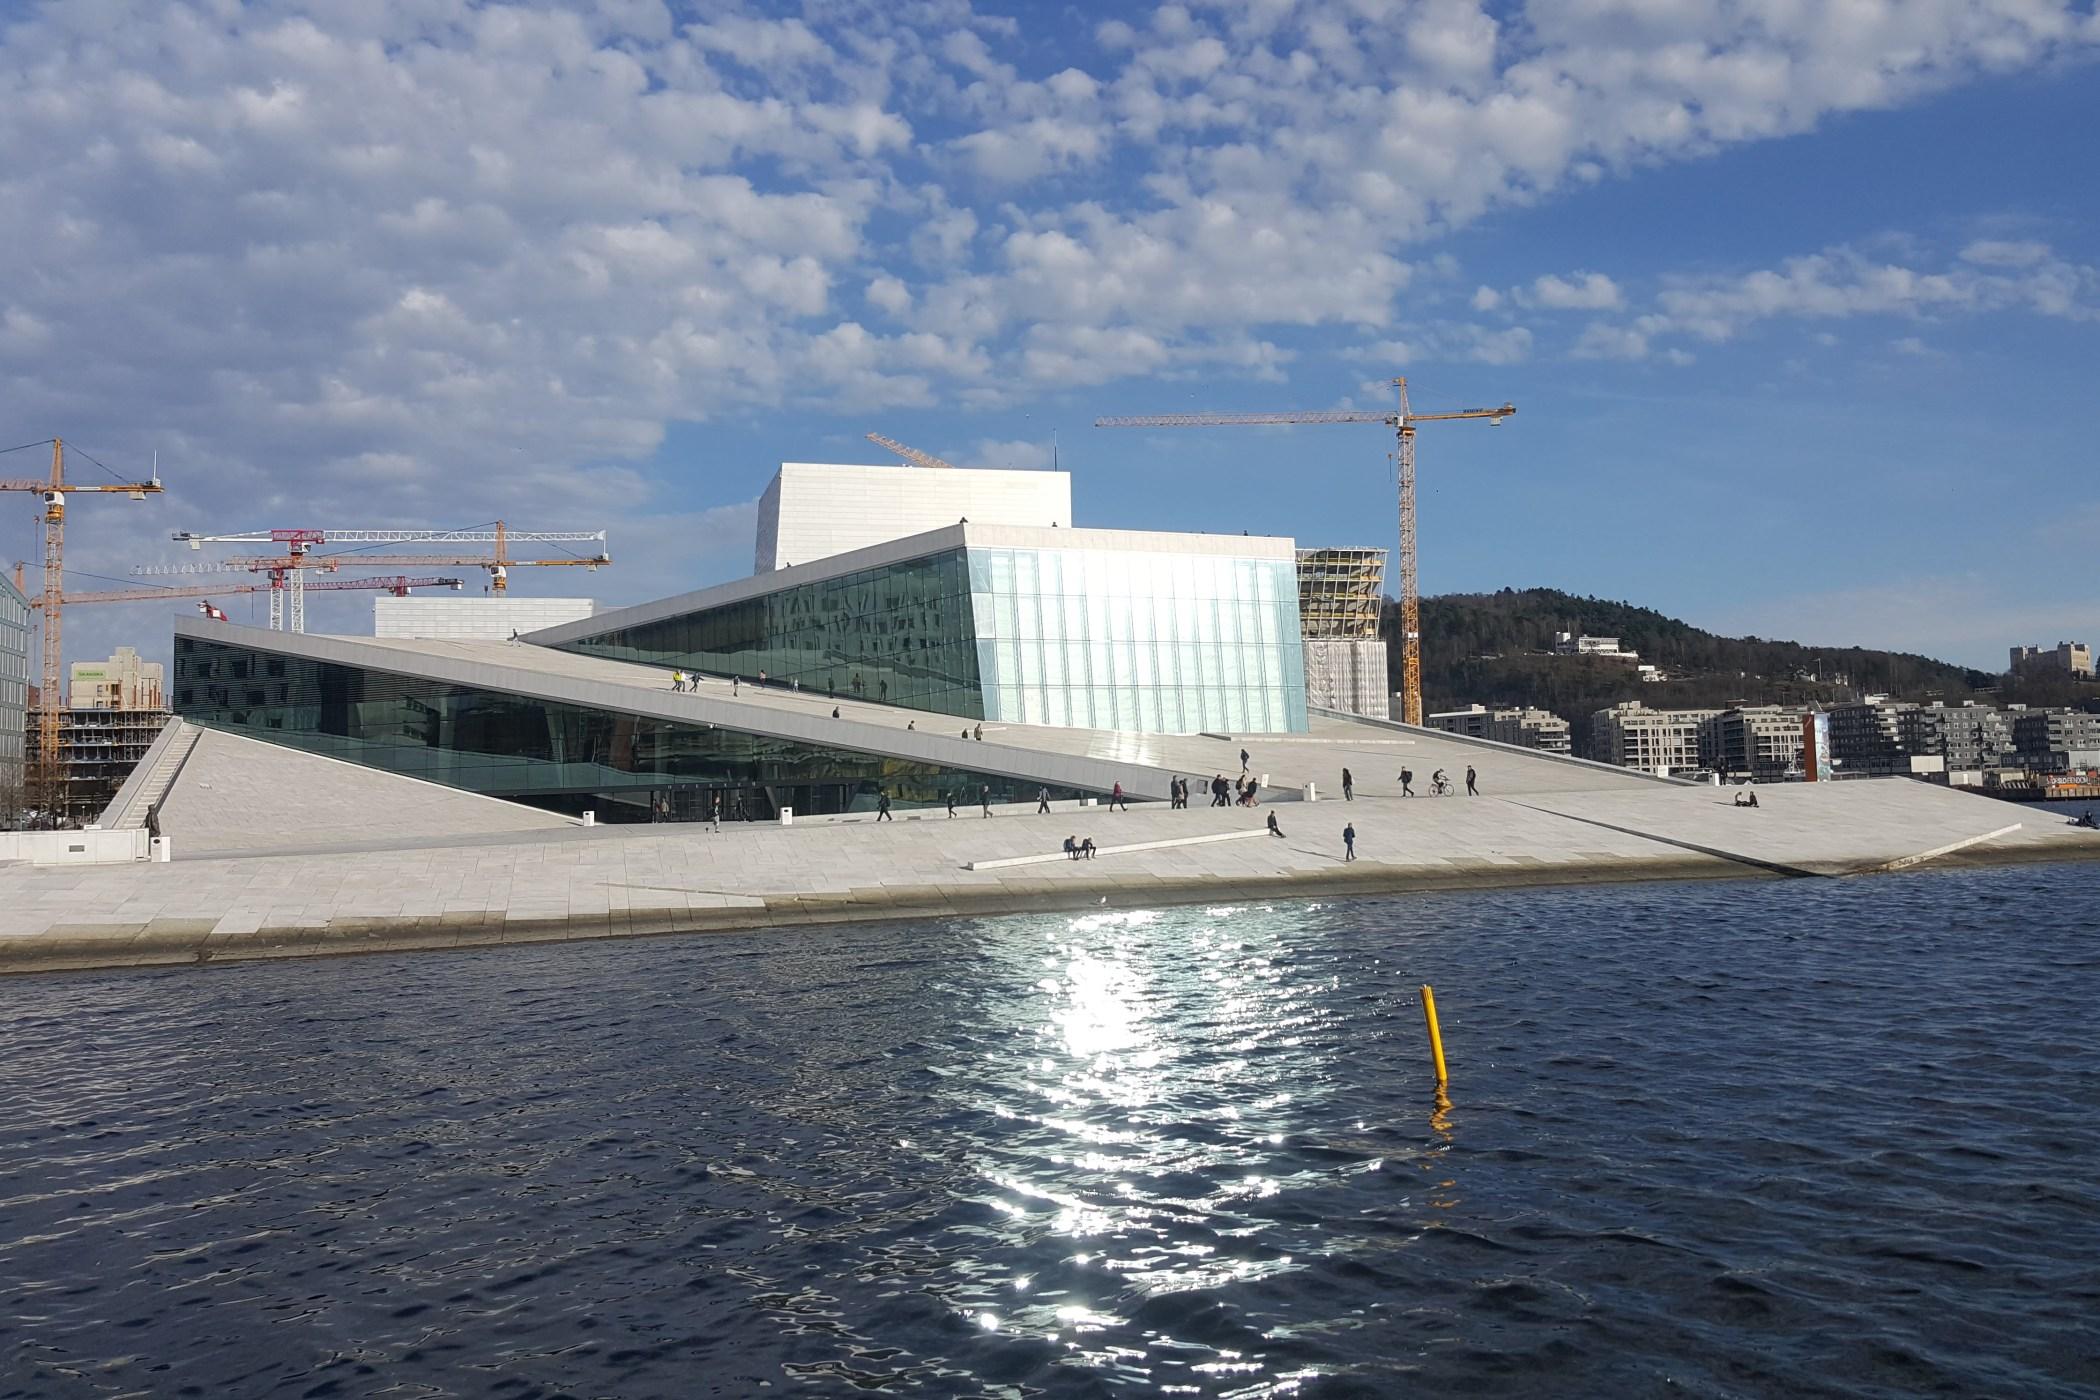 Budova norské opery zároveň funguje i jako veřejný prostor. Uvnitř budovy jsou tři koncertní sály. Ten největší, pojme přes 1300 diváků